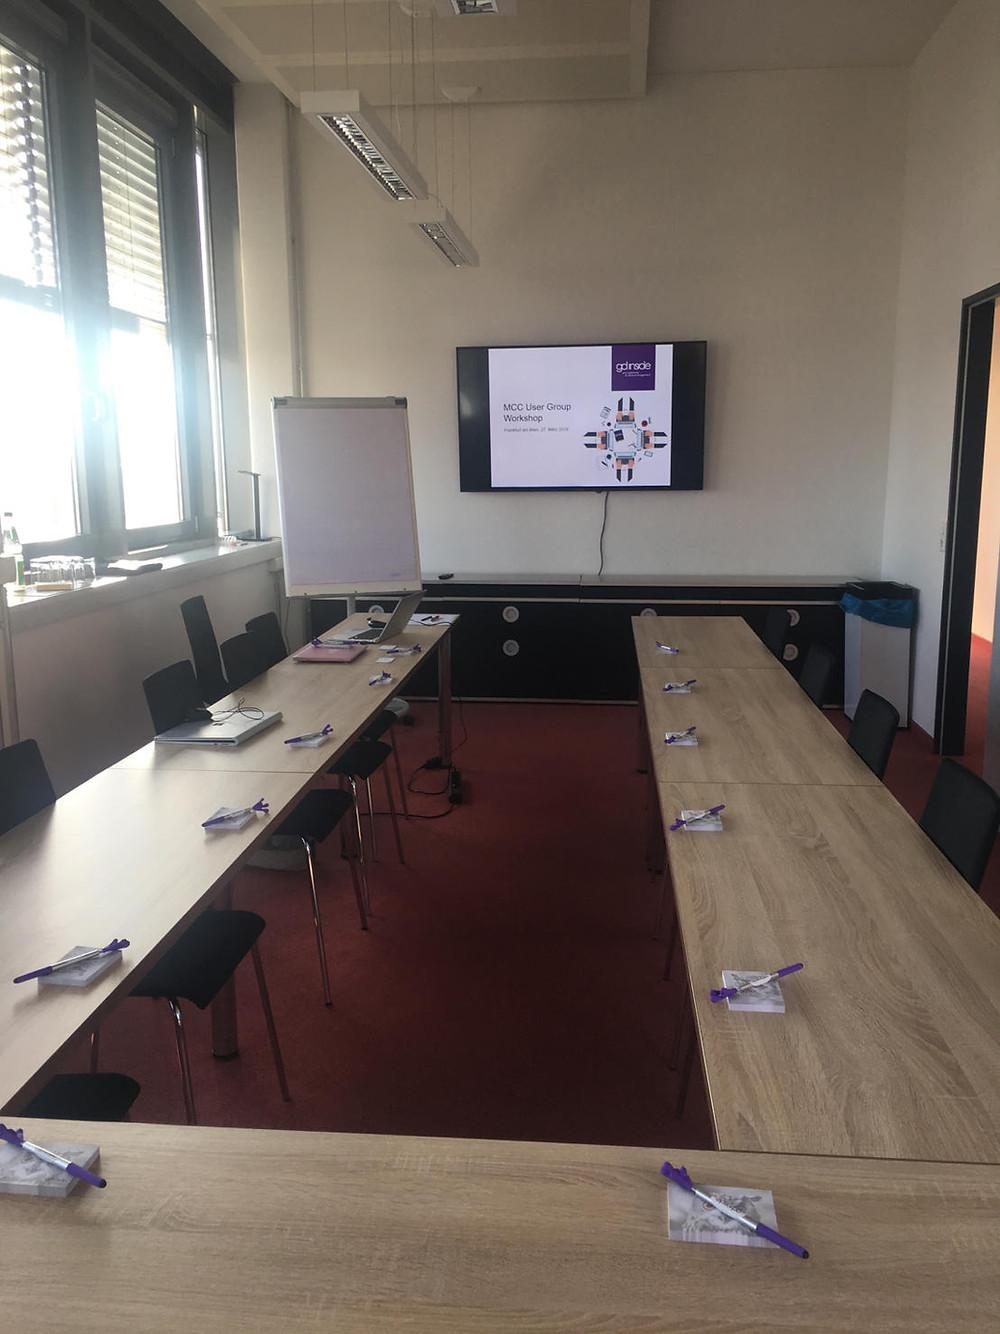 gd inside Praxis Workshop